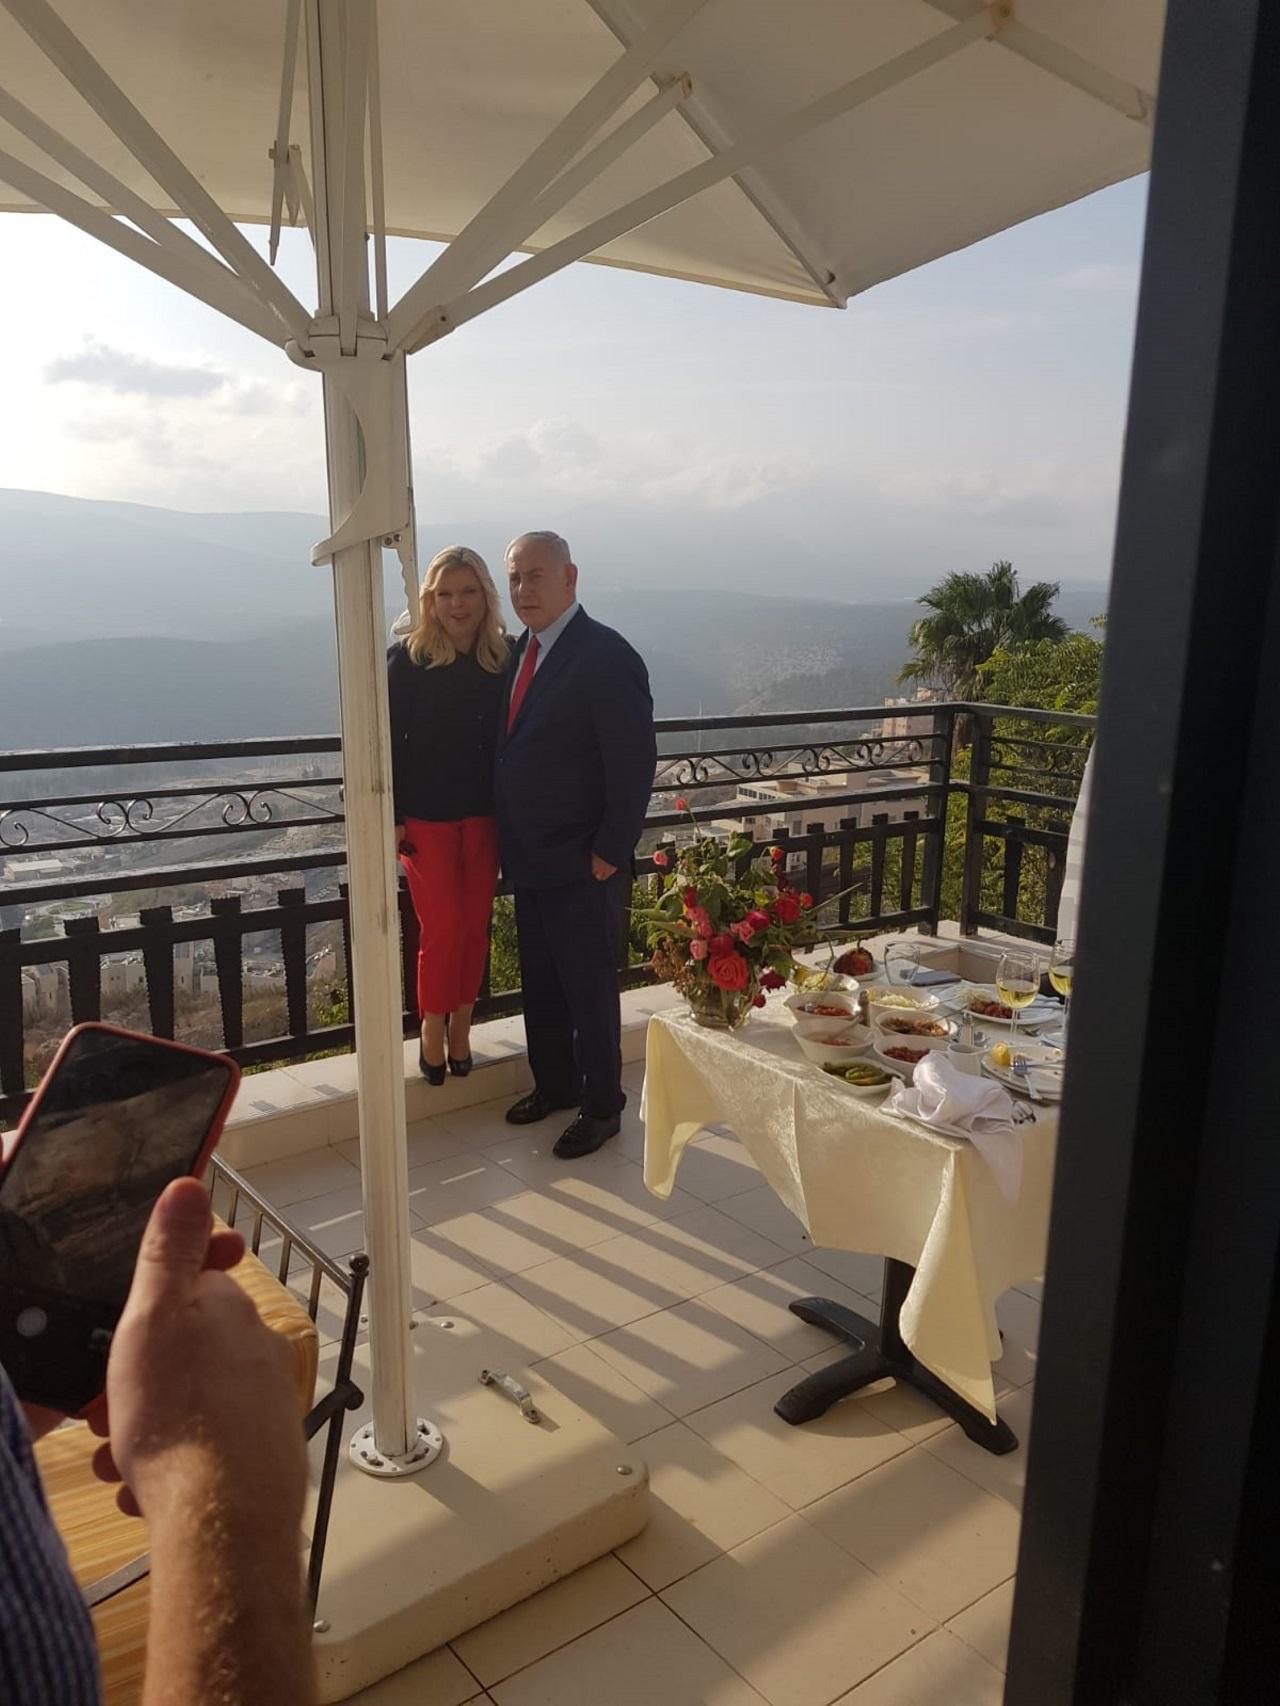 ראש הממשלה ורעייתו במלון רות רימונים צפת. צילום אסף לוי